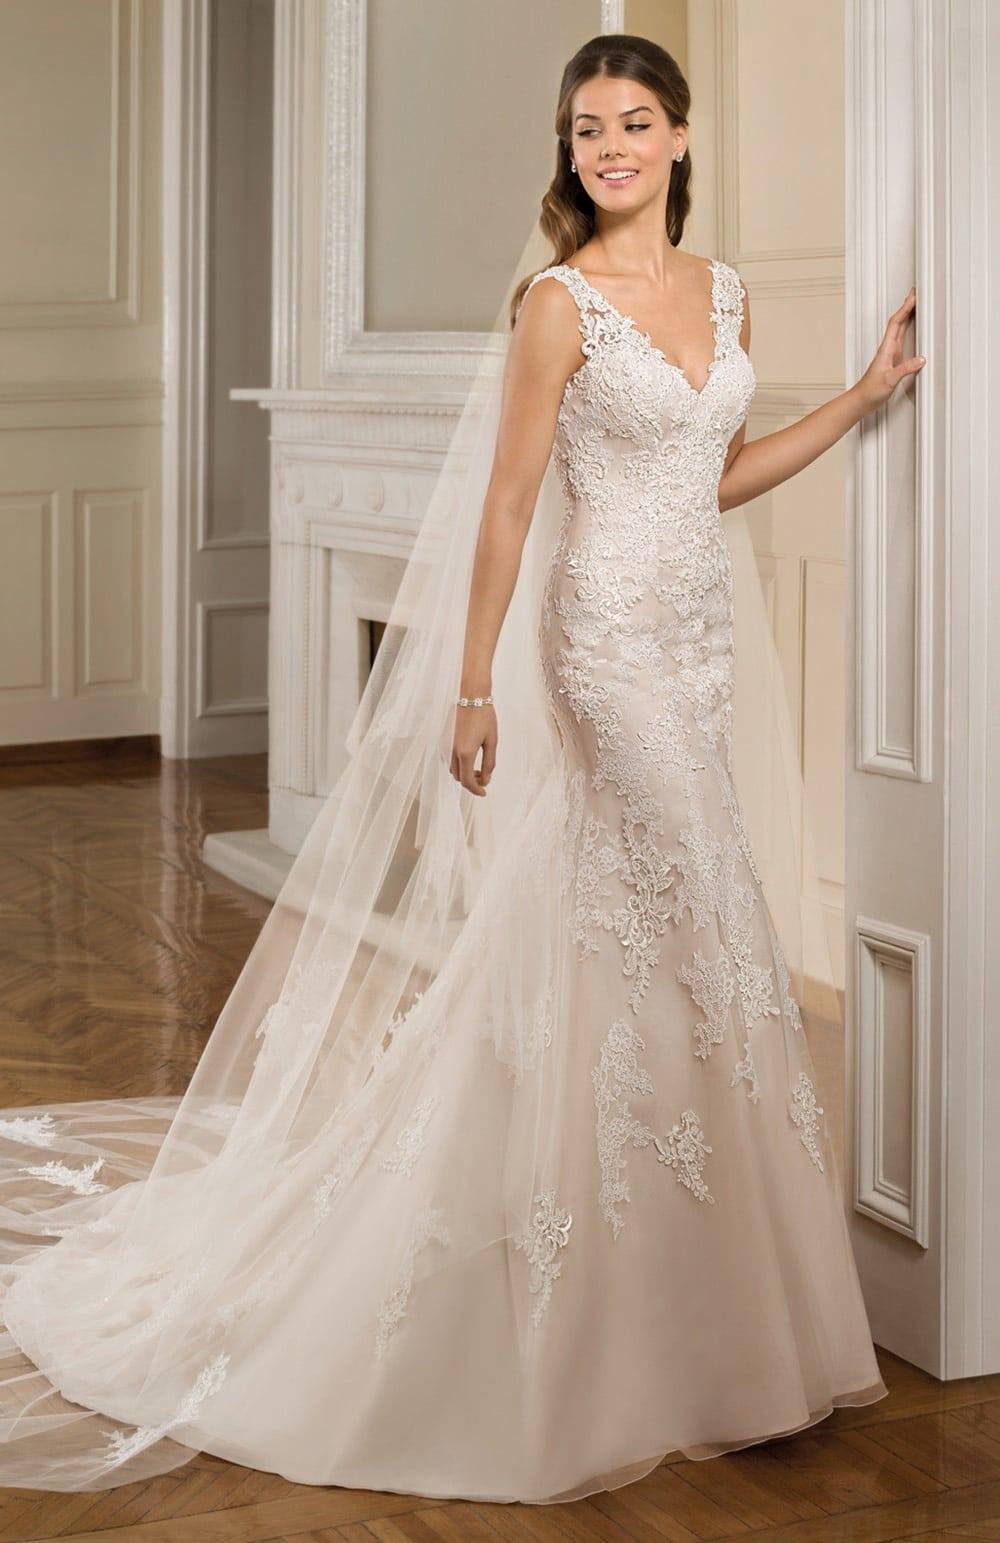 Robe de mariée Modèle Janelle – 7878